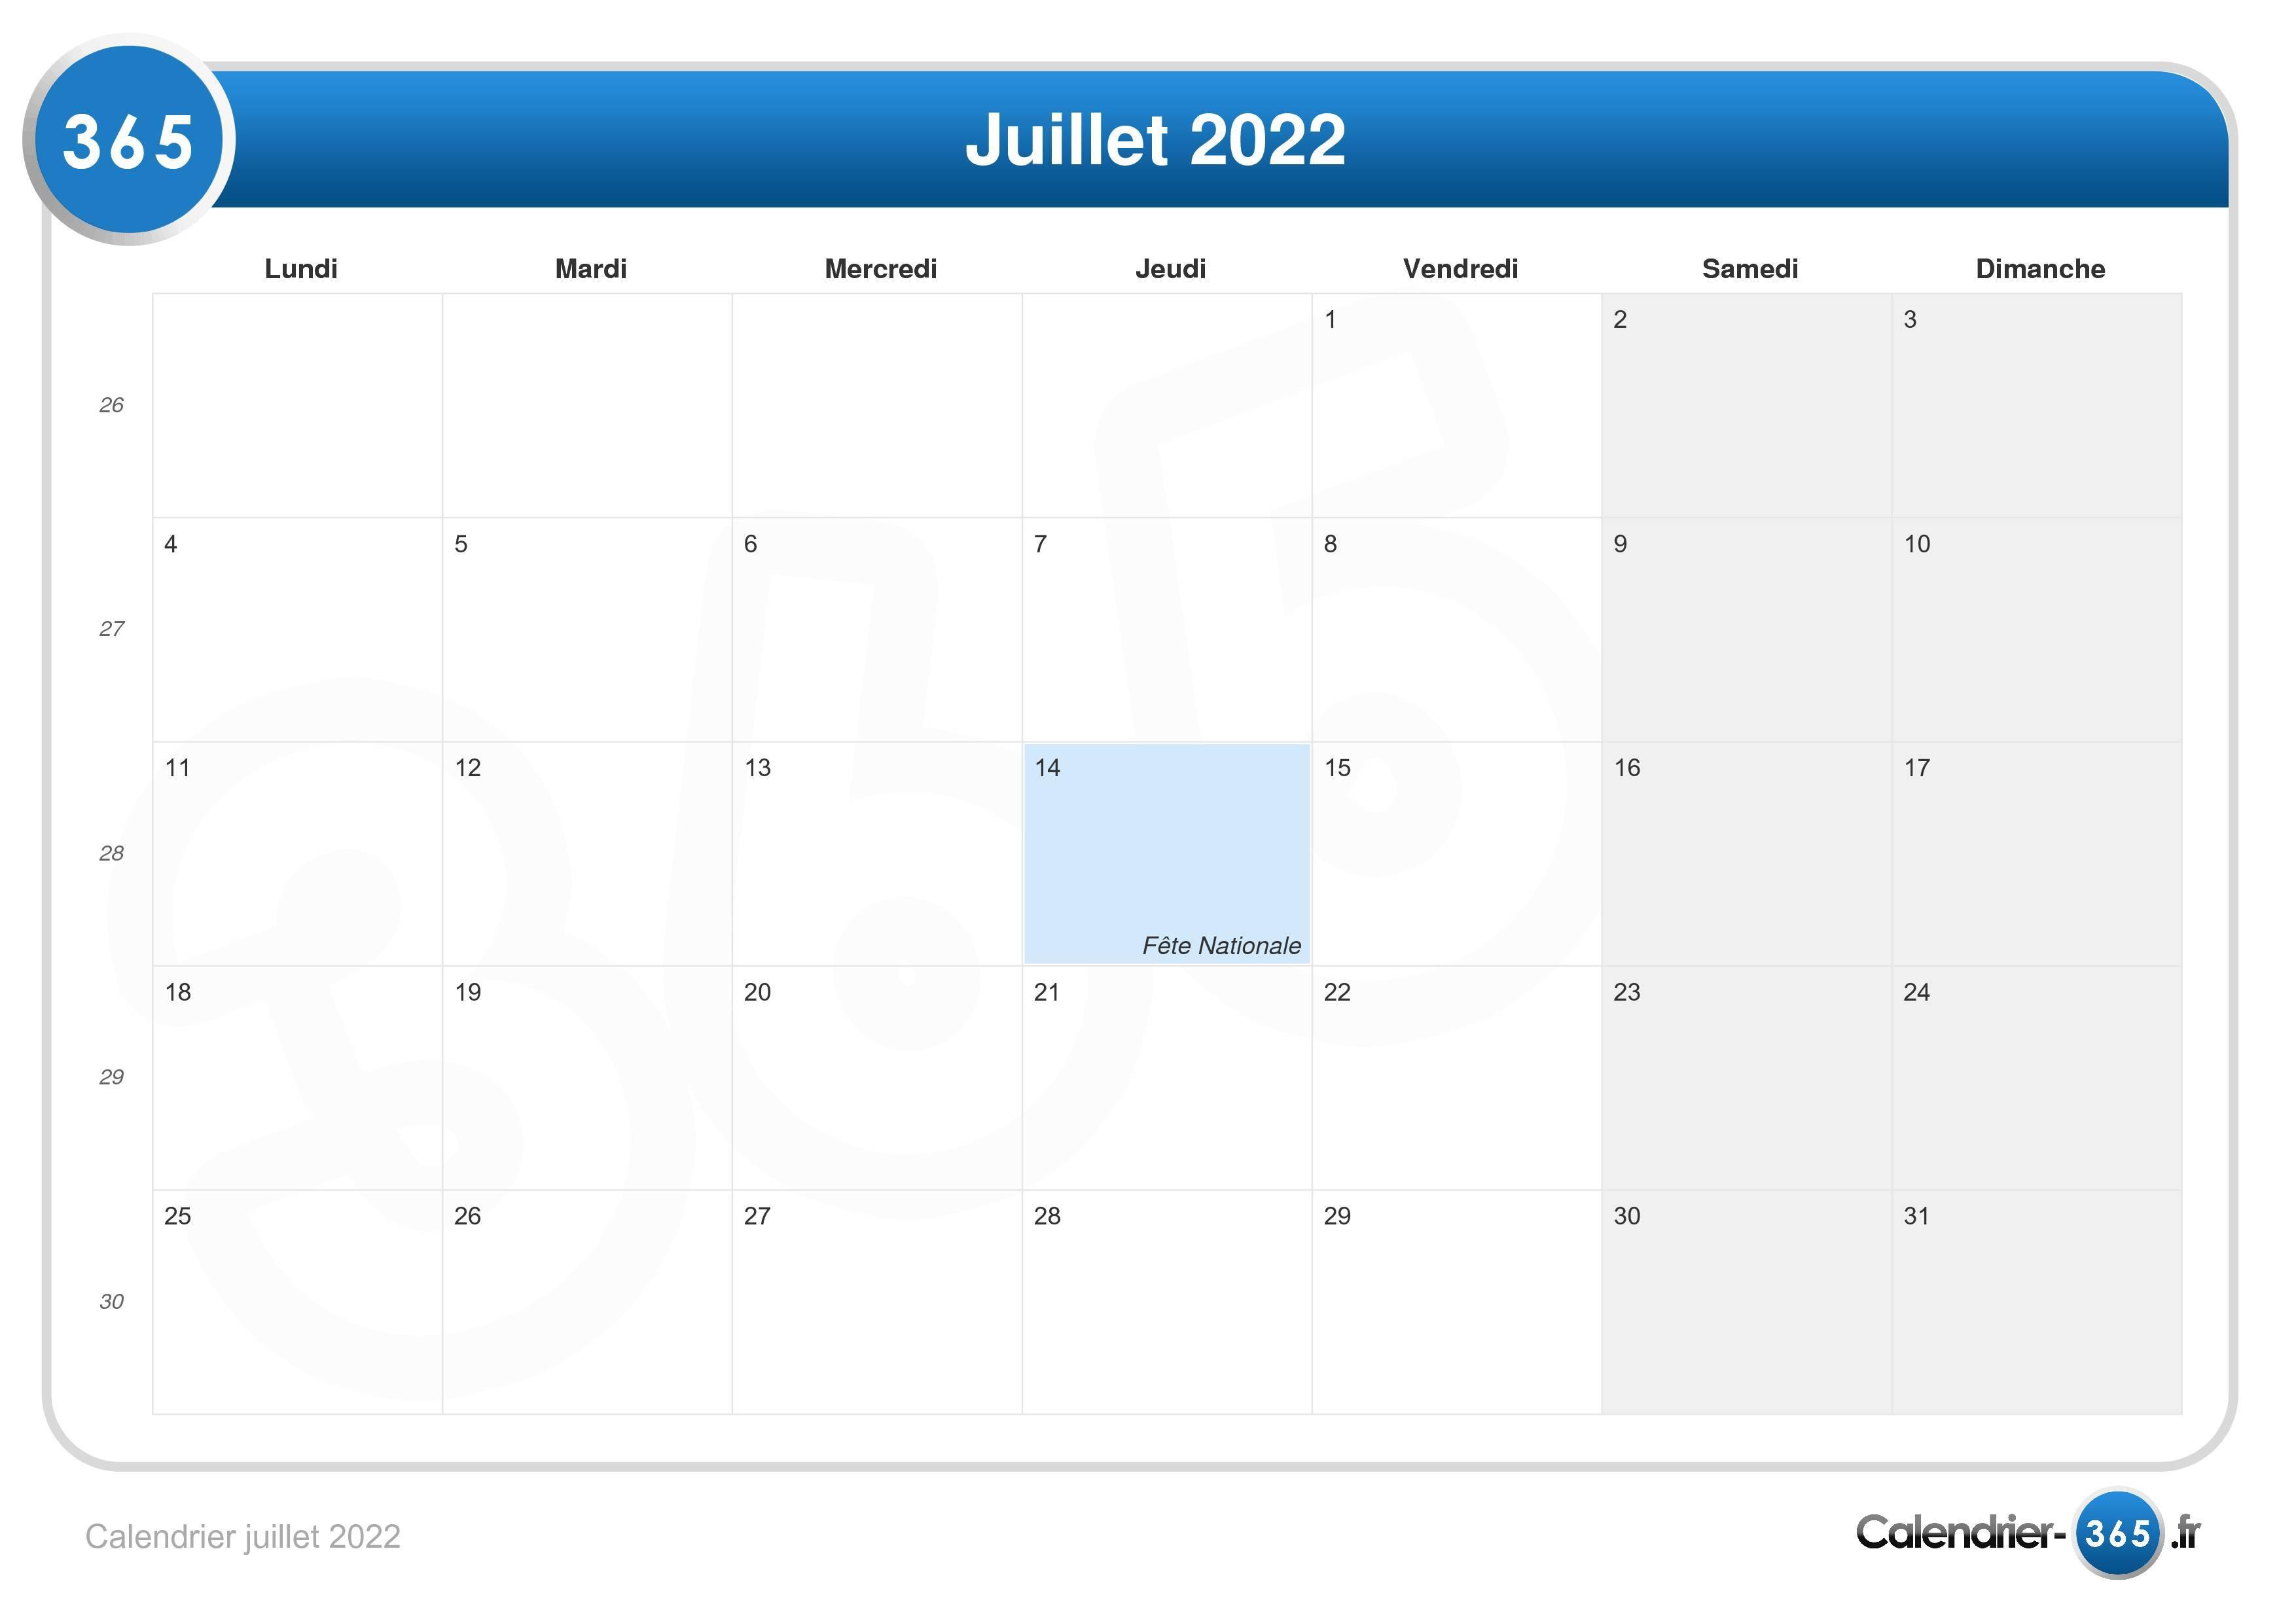 Calendrier juillet 2022